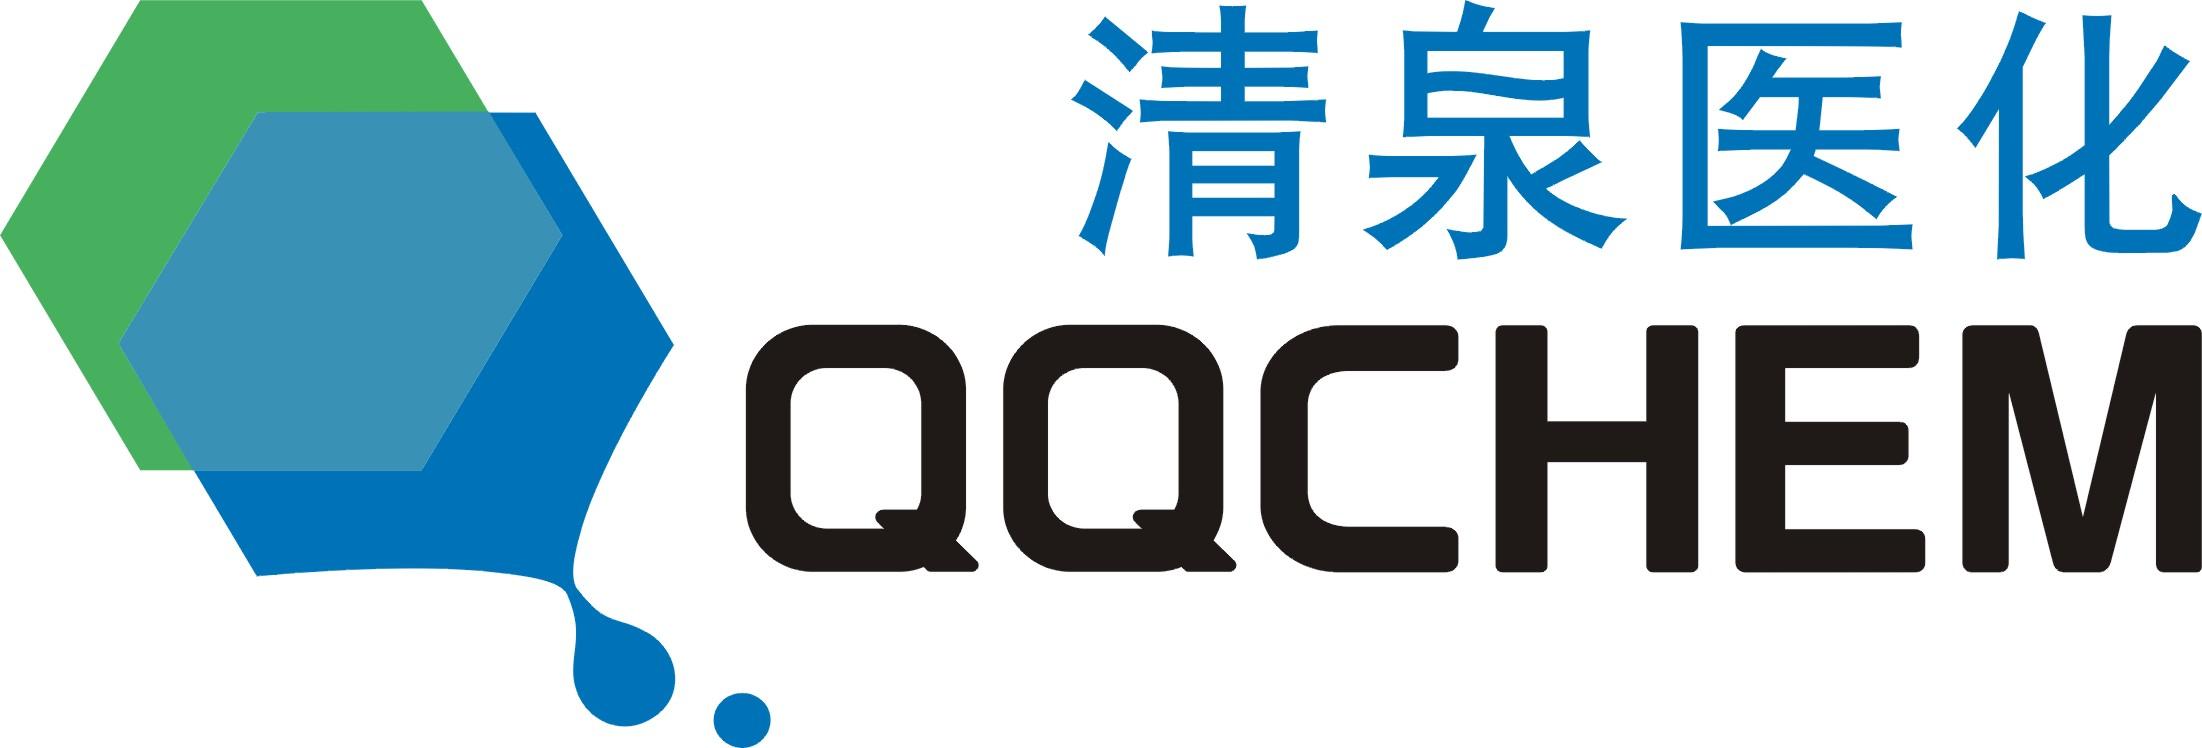 江苏清泉化学股份有限公司logo